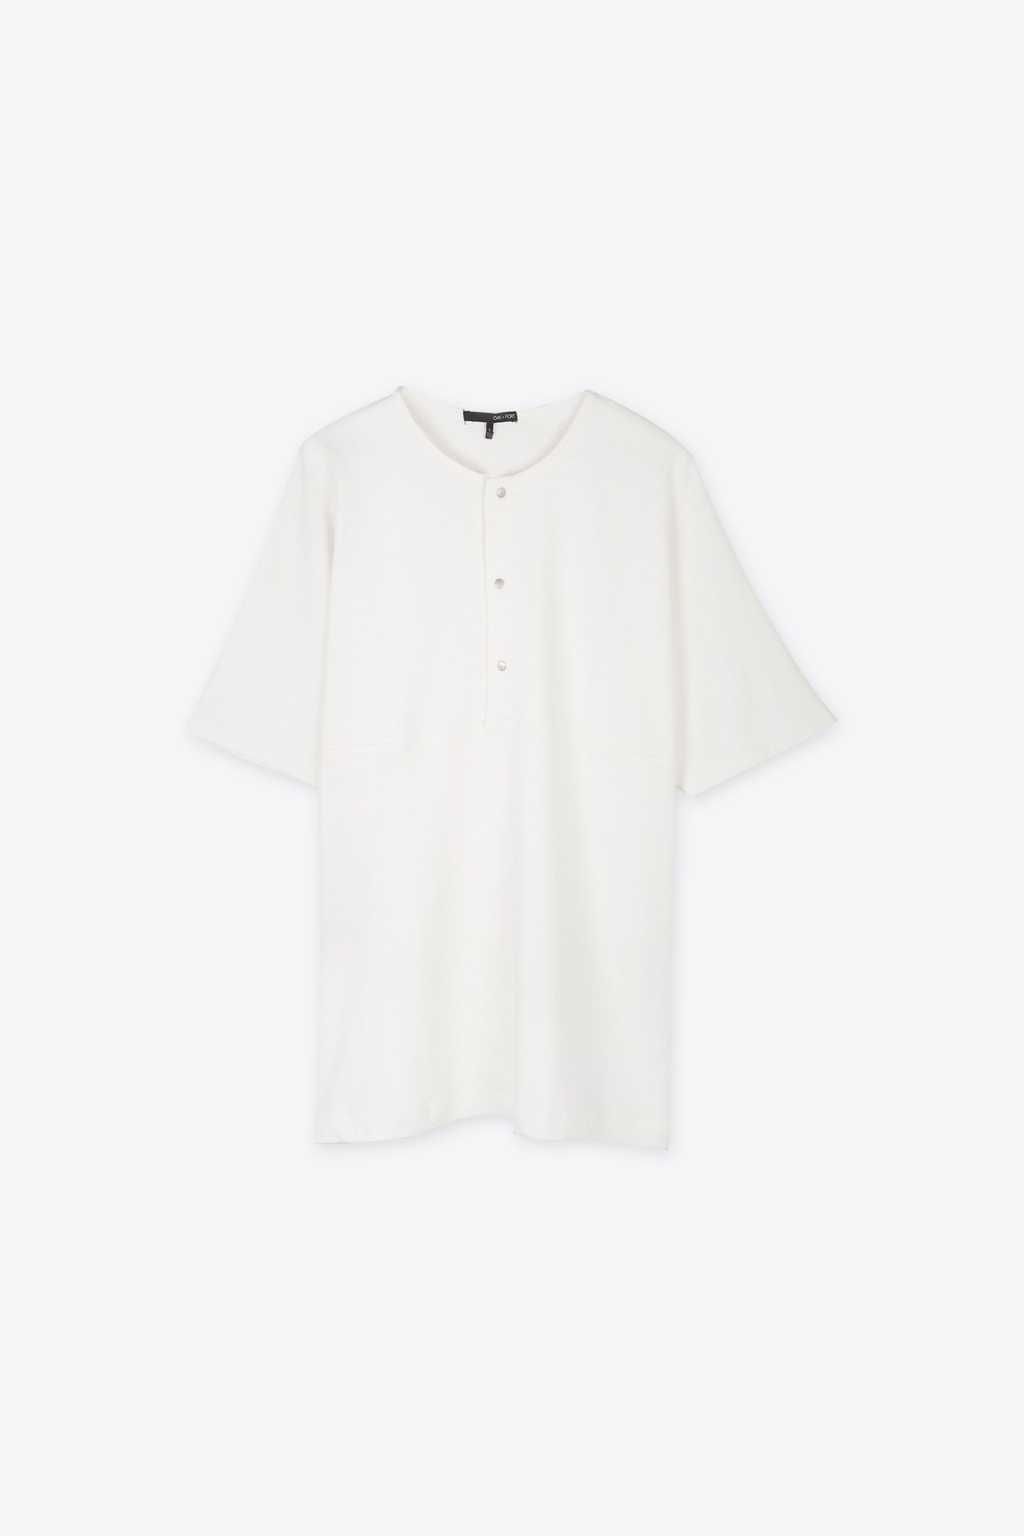 TShirt 1141 White 5